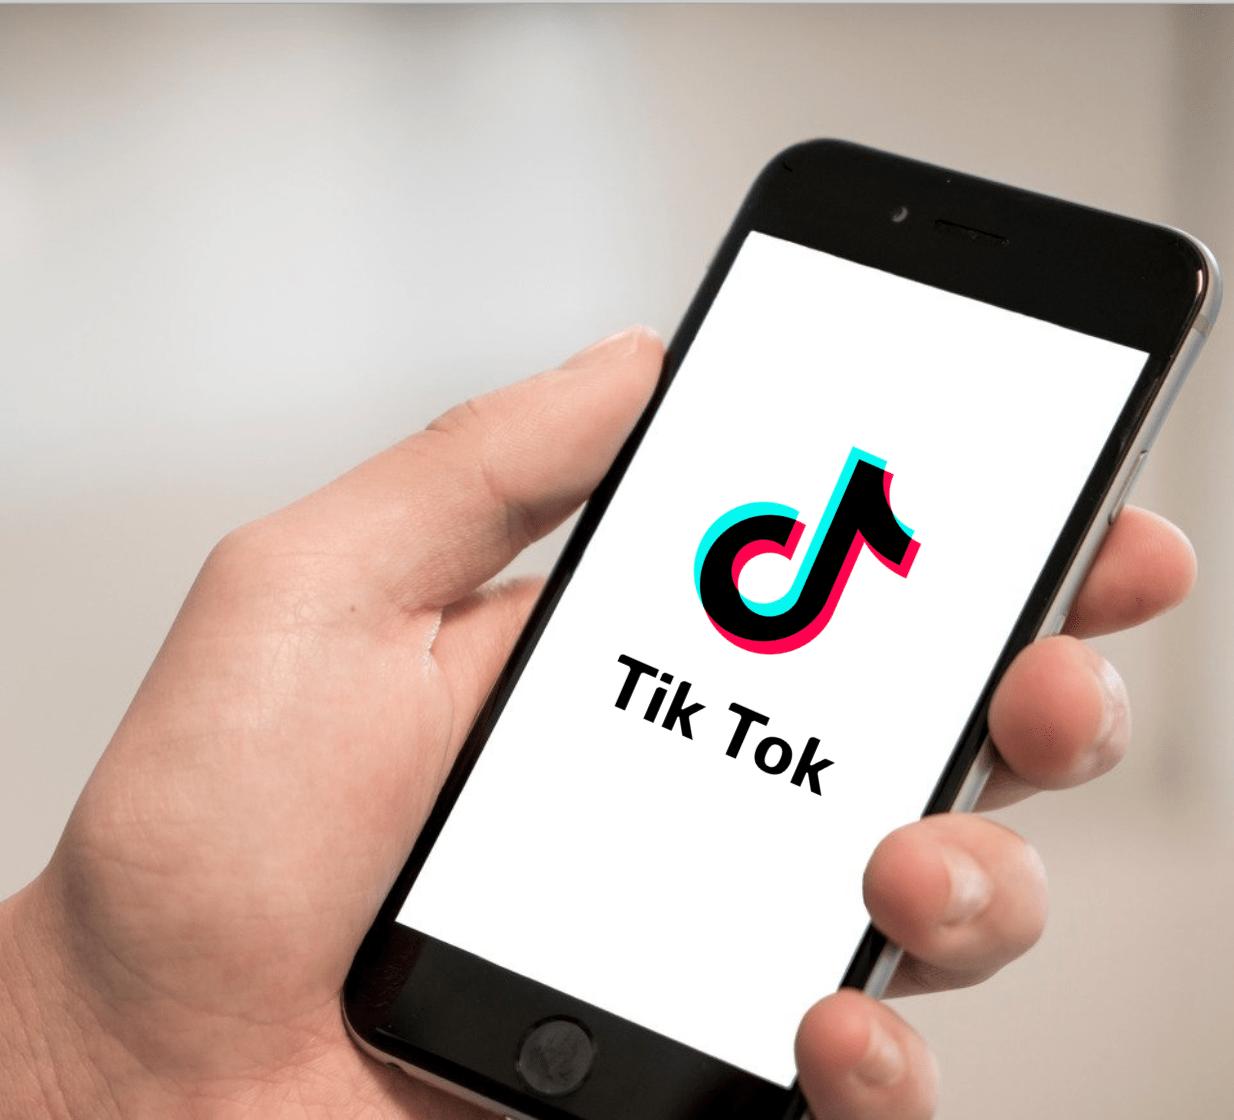 اعلانات تيك توك • بوابة التسويق الالكتروني • Emarketigate